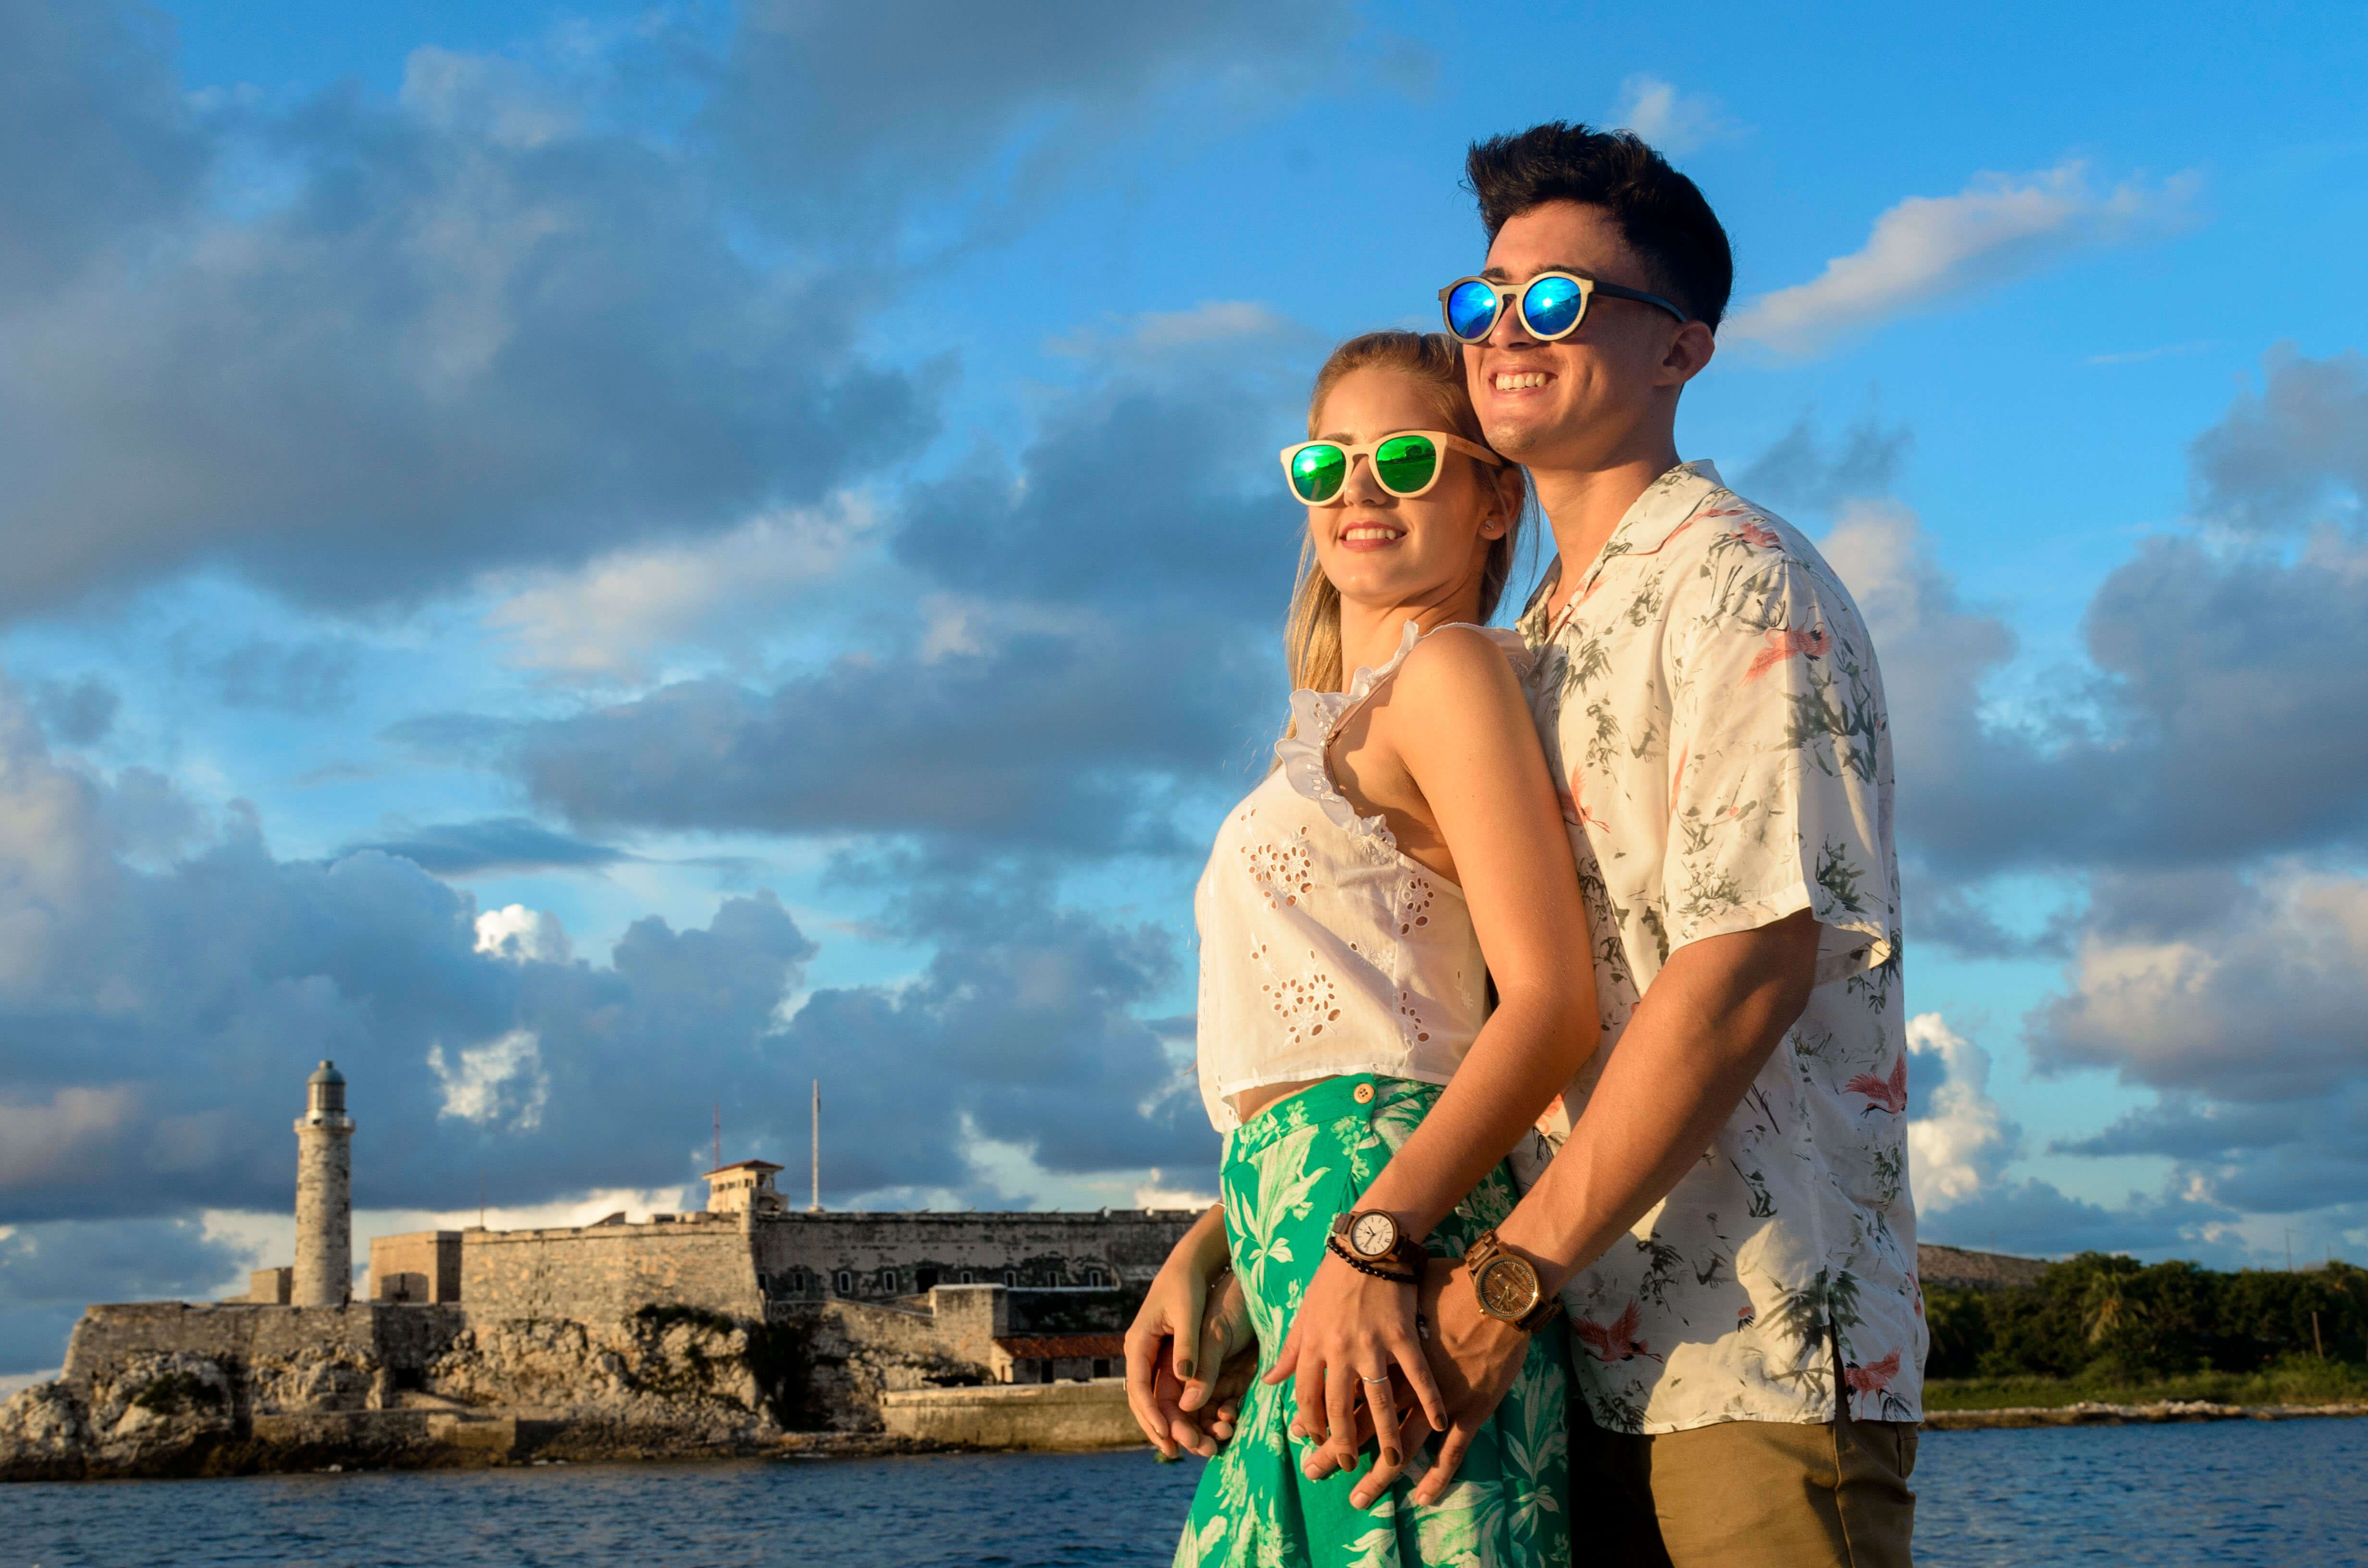 Livegens exporta su marca de moda sostenible a Miami y Malta